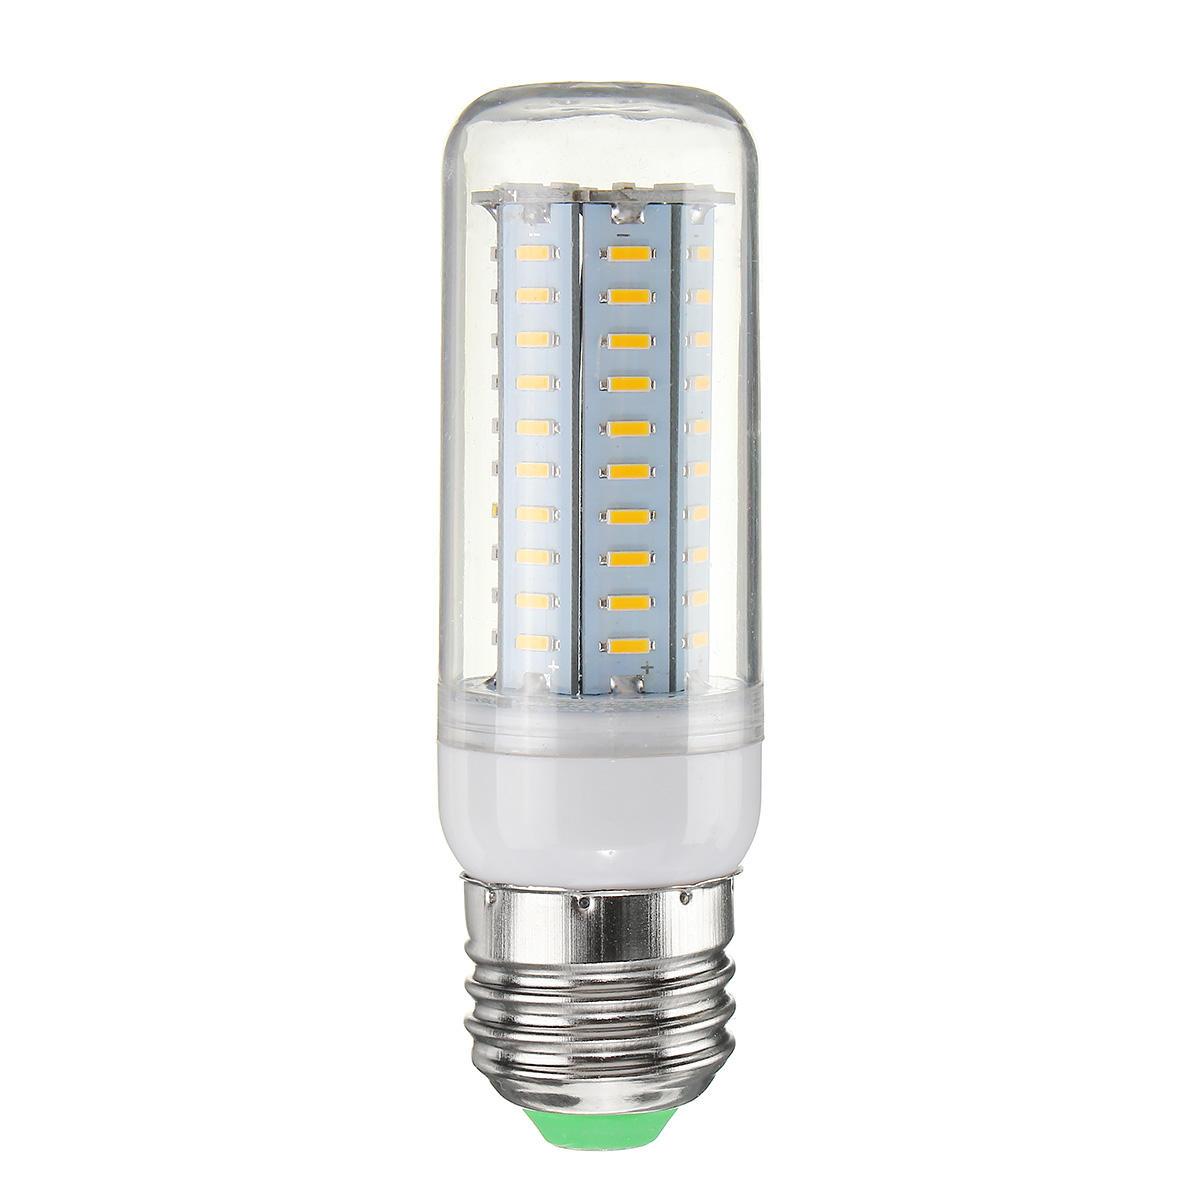 5W E12 E14 E27 E26 B22 3 Modes LED Flame Fire Light Effect Simulated Corn Bulb AC85-265V - 12